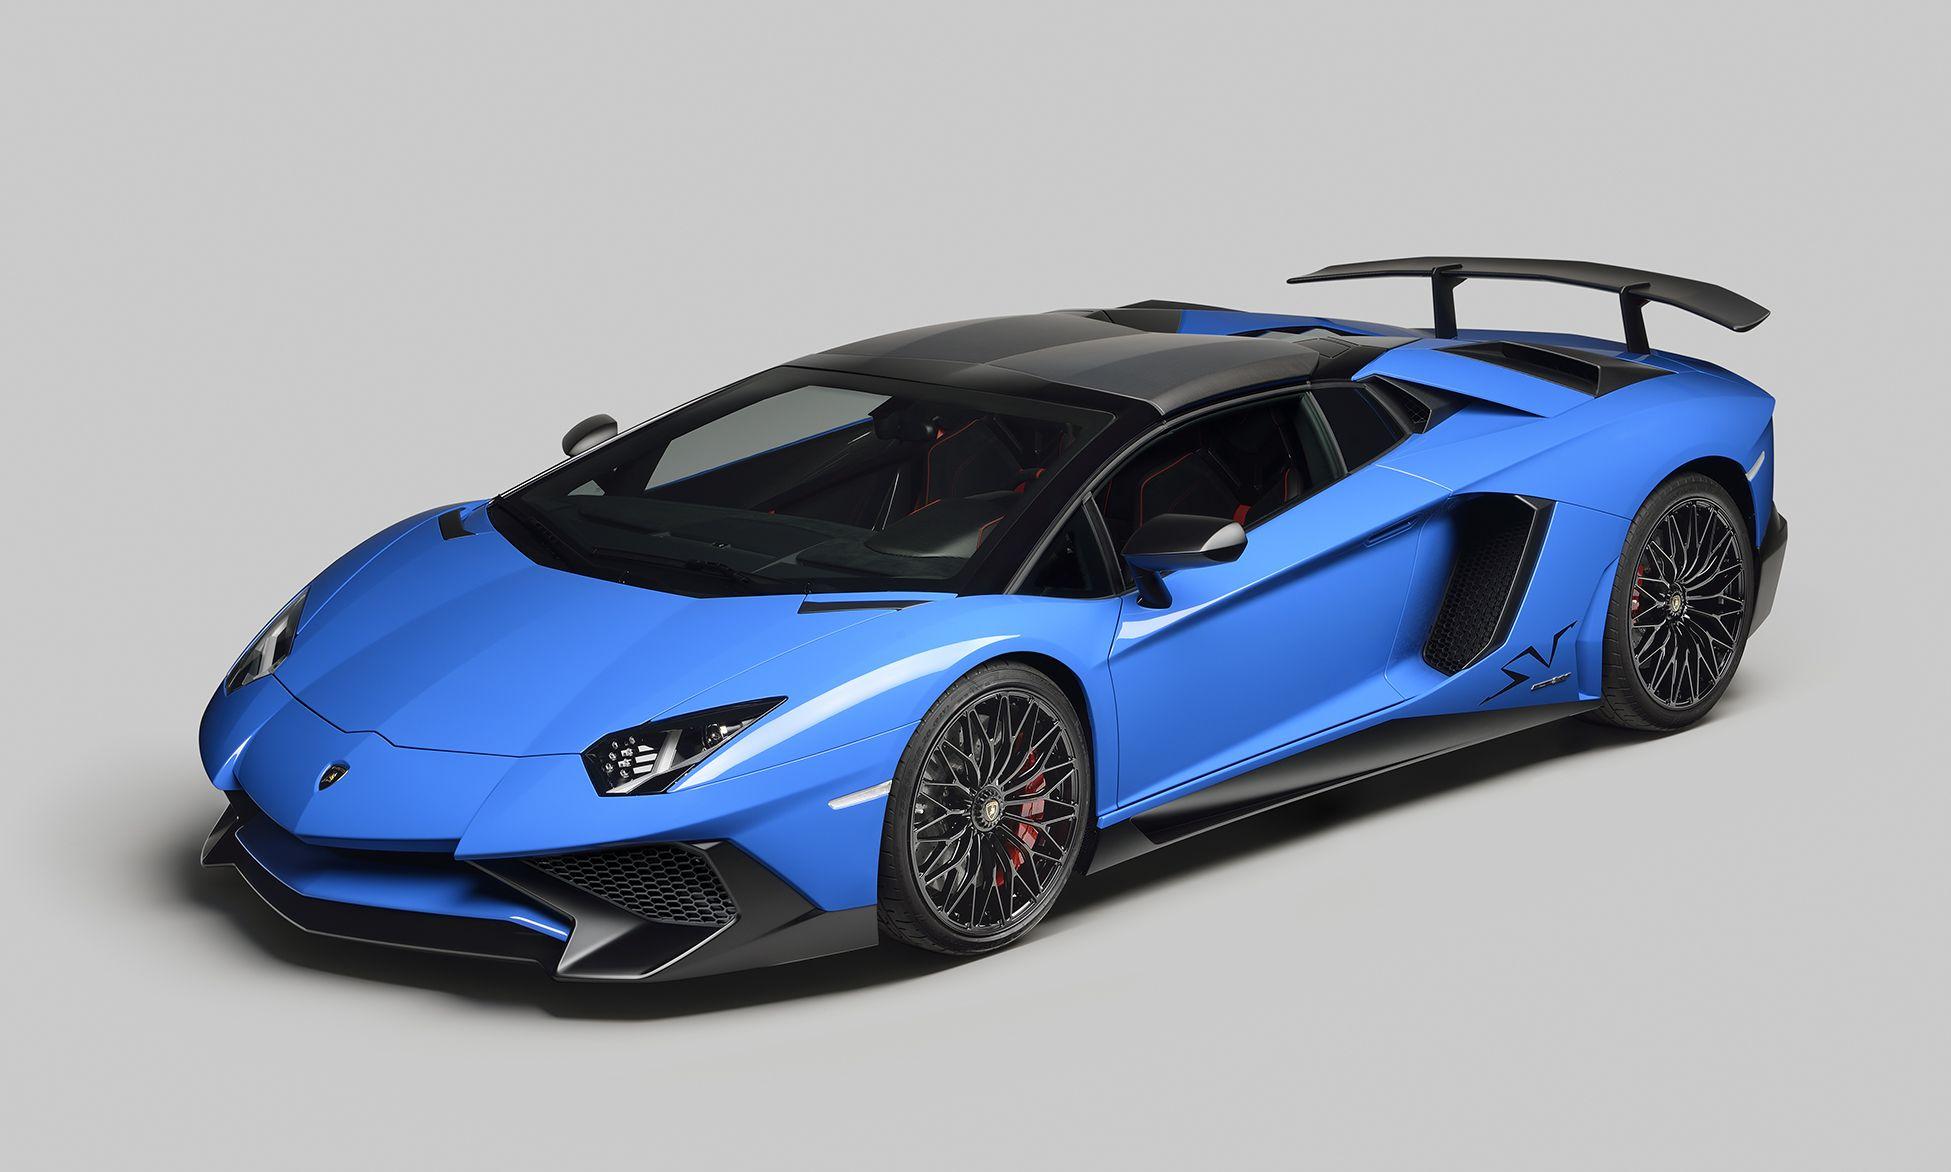 Automobili Lamborghini Unveils The New Lamborghini Aventador LP 750 4  Superveloce Roadster In Occasion Of